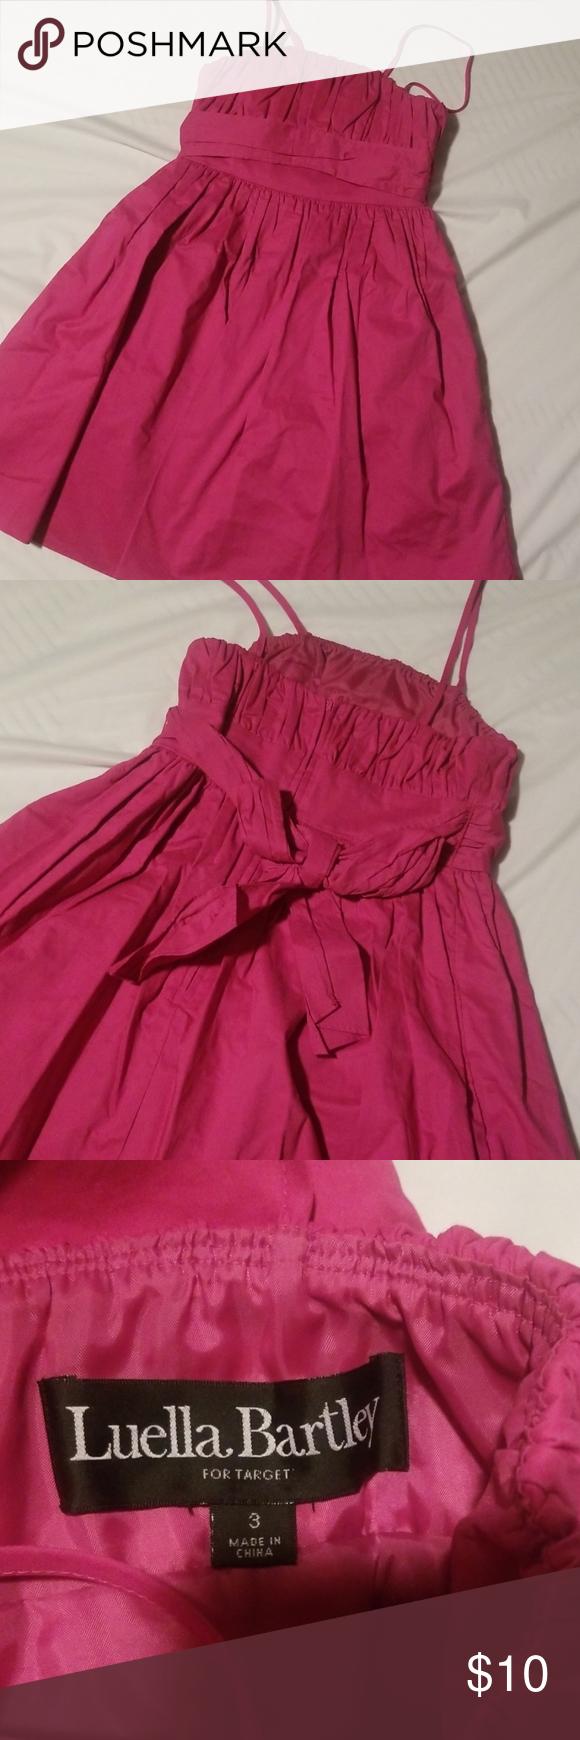 2 8 Pink Party Dress Party Dress Pink Party Dresses Dresses [ 1740 x 580 Pixel ]